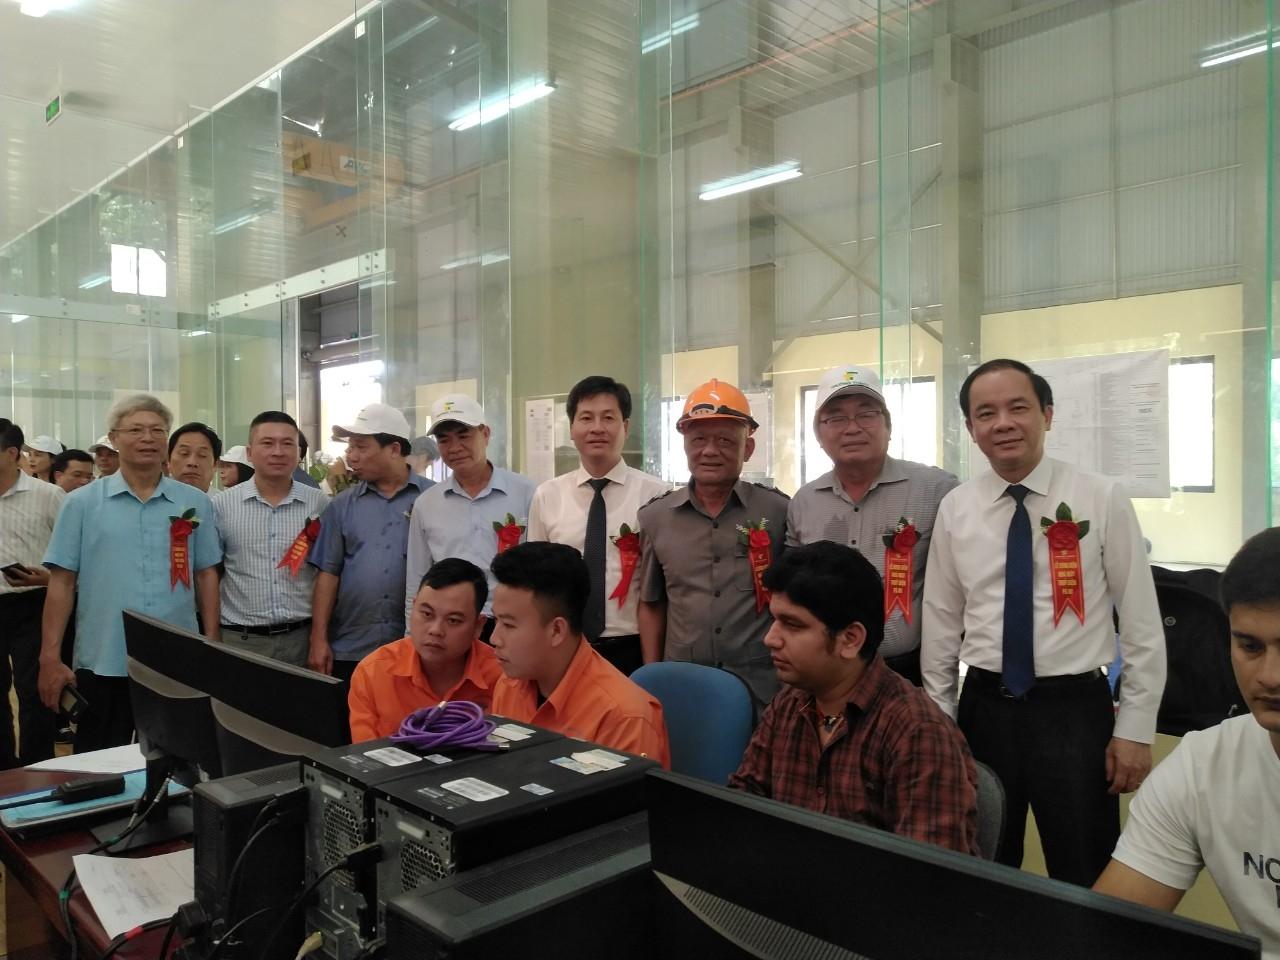 Các đồng chí: Tạ Văn Long- Phó Bí thư Tỉnh ủy, Ngô Hạnh Phúc- Phó Chủ tịch UBND tỉnh cùng các đại biểu tham quan hệ thống vận hành Nhà máy thủy điện Pá Hu